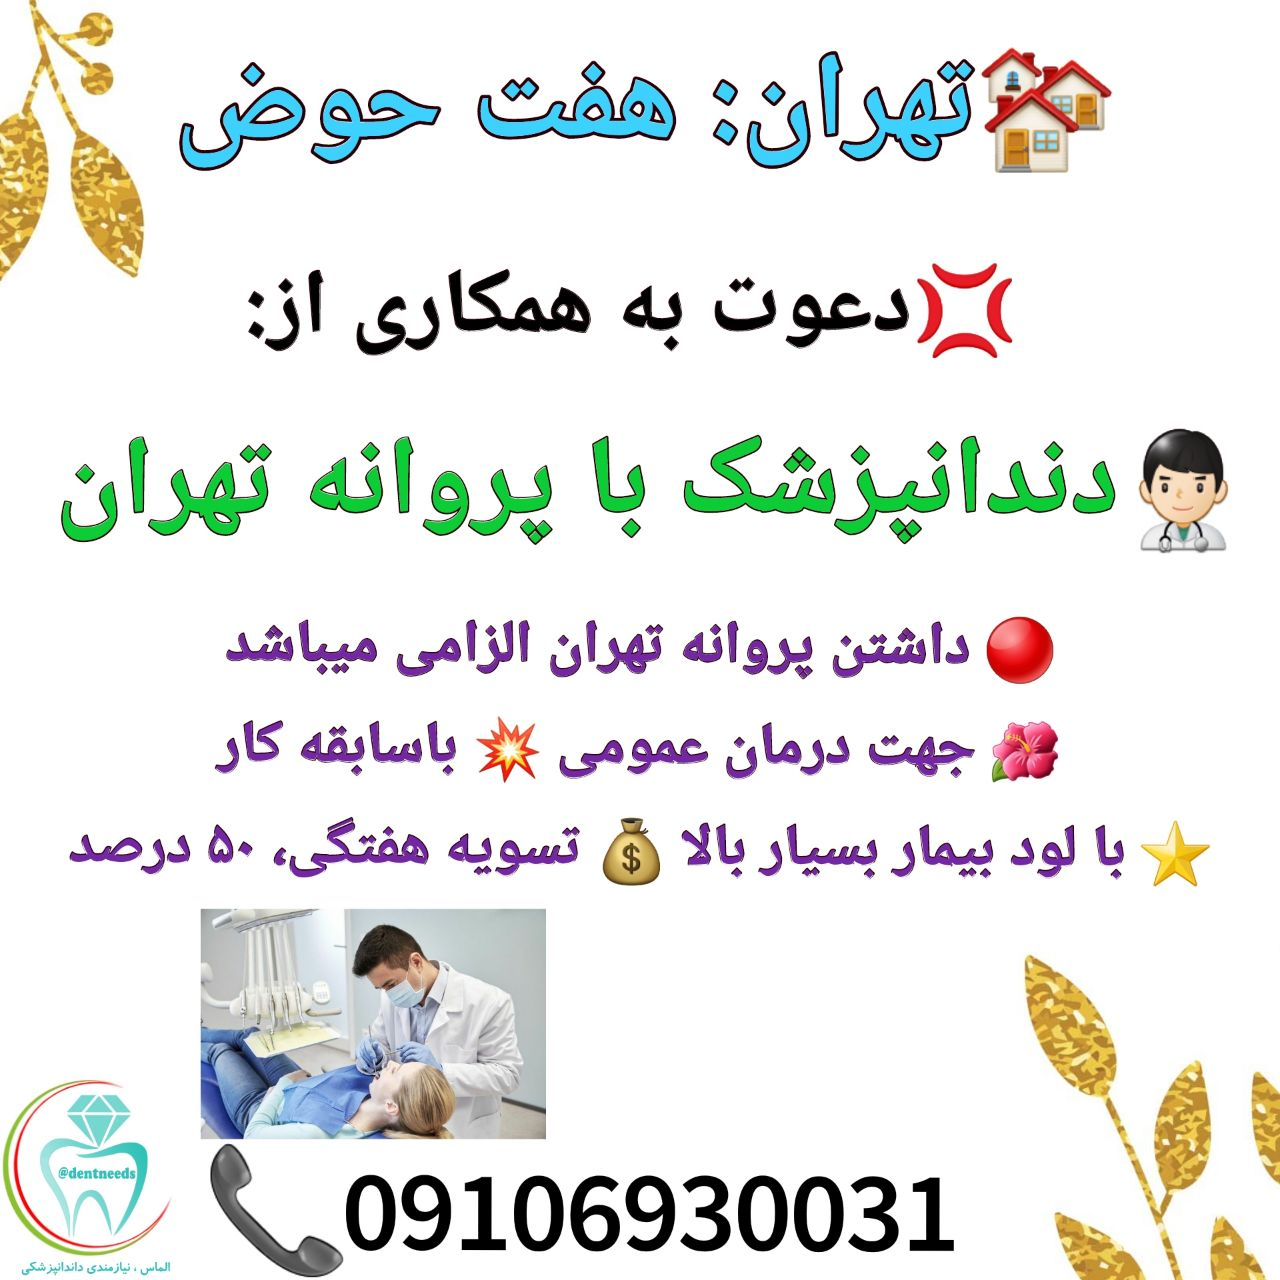 تهران: هفت حوض، نیاز به دندانپزشک با پروانه تهران